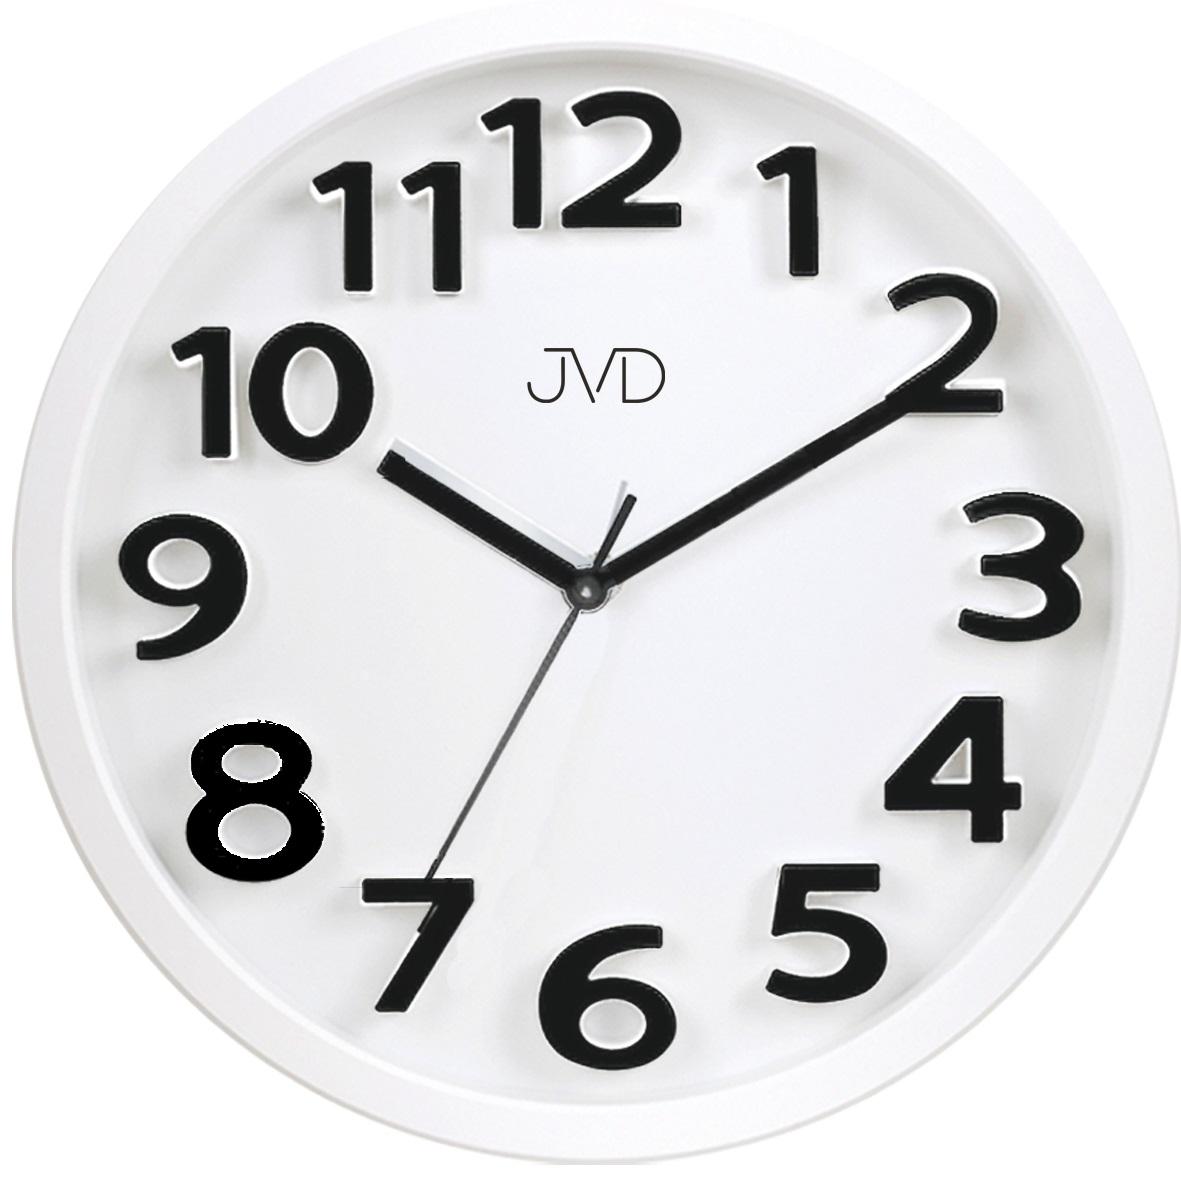 Bílé čitelné dětské hodiny JVD HA48.1